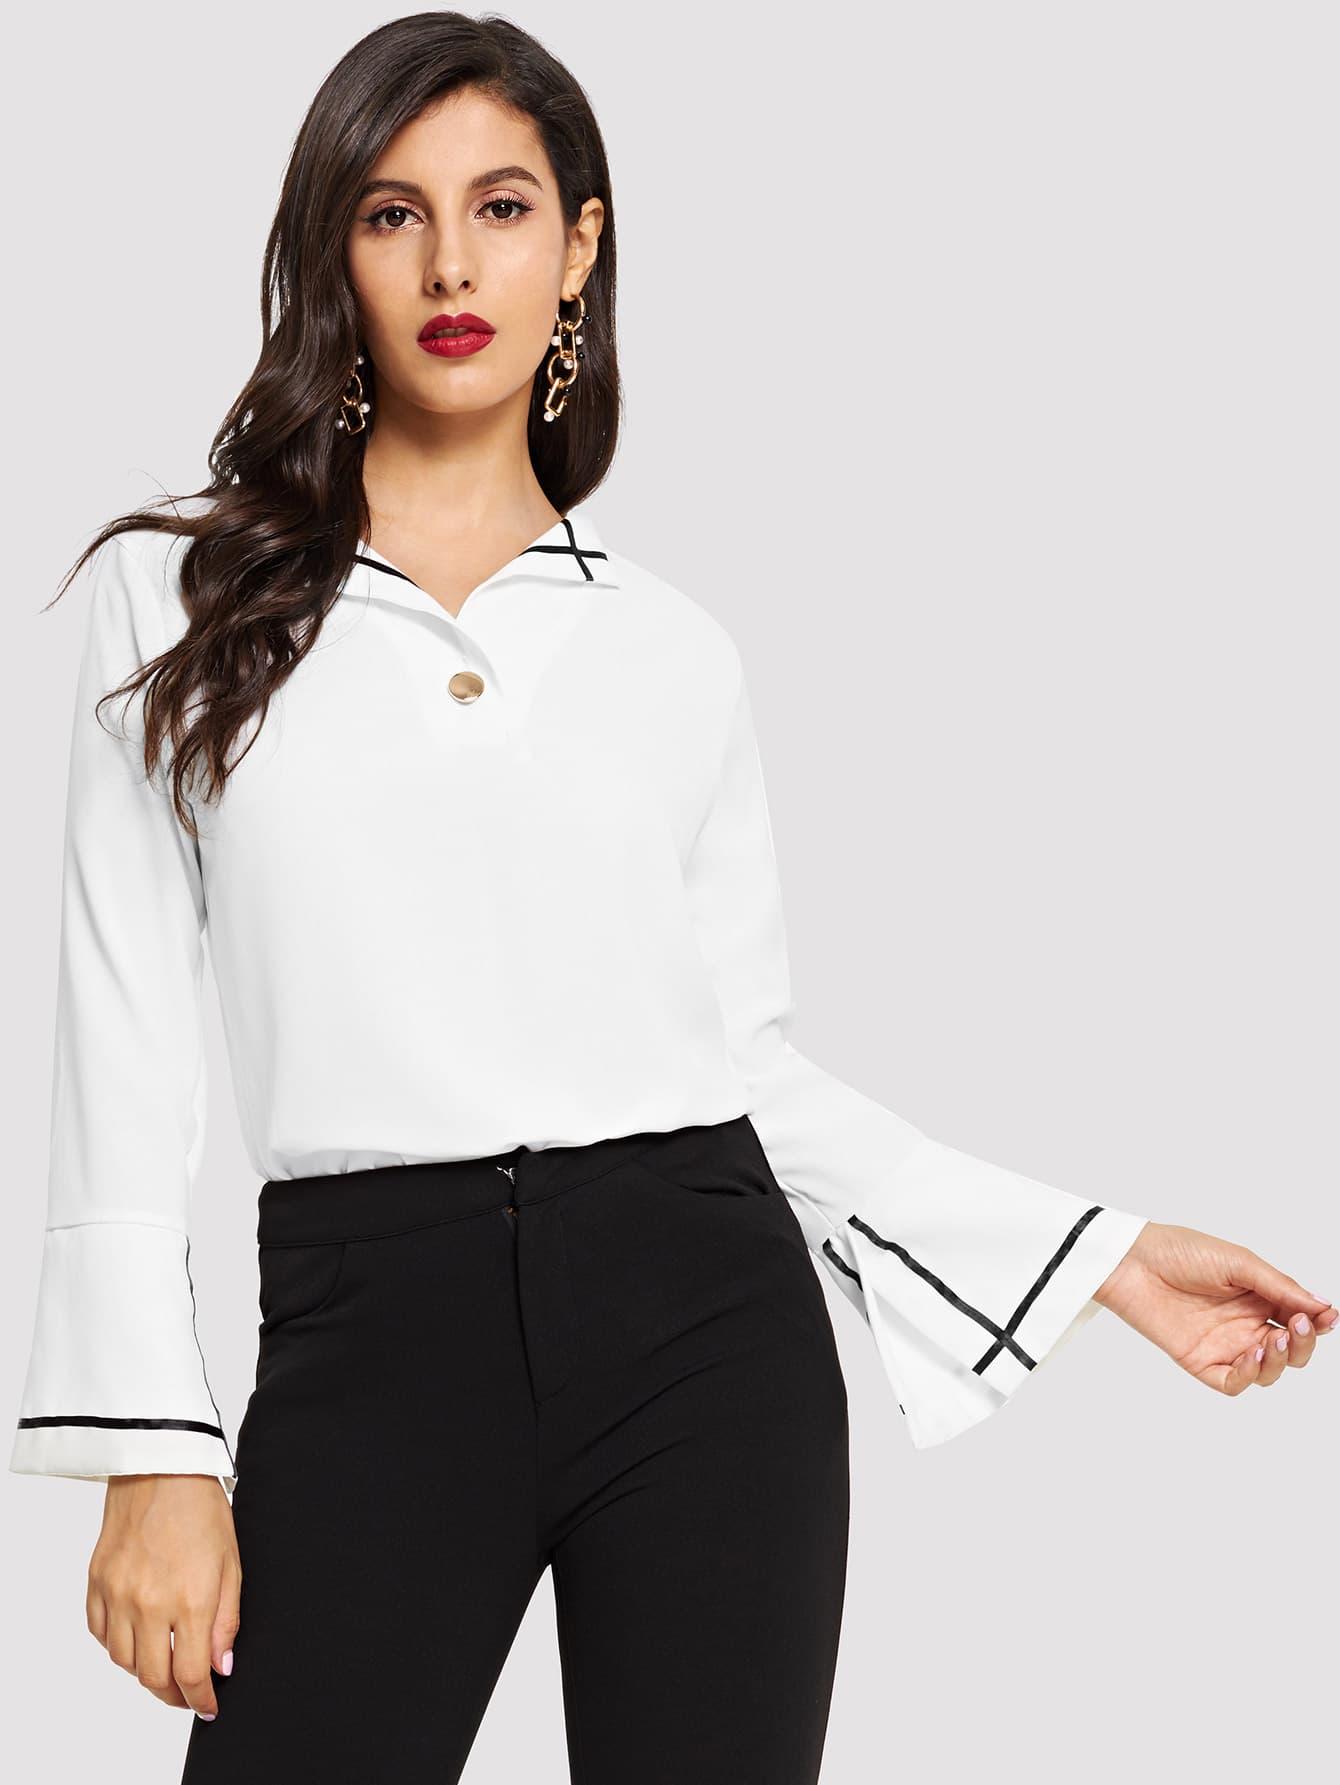 Блуза с рукав-колоколами и со симметрическими Binding